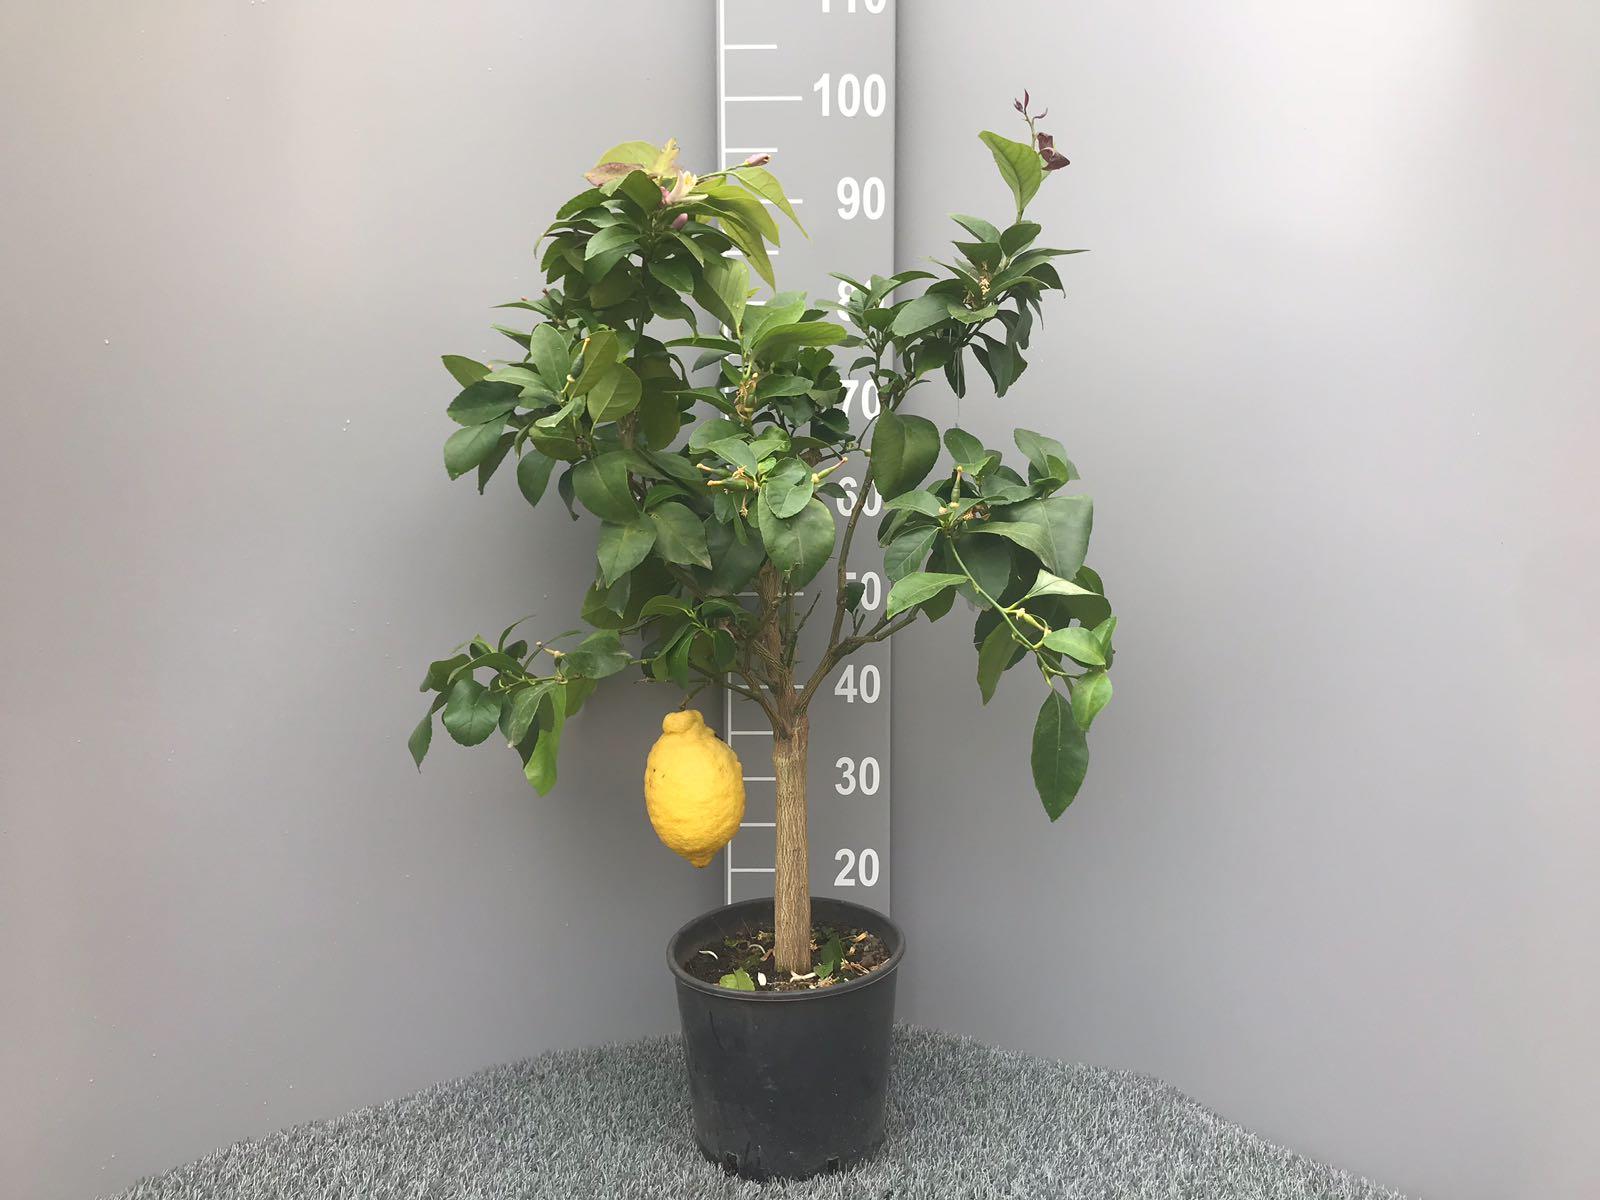 Pianta di limone 4 stagioni con tronco grosso in vaso 20 for Pianta limone 4 stagioni